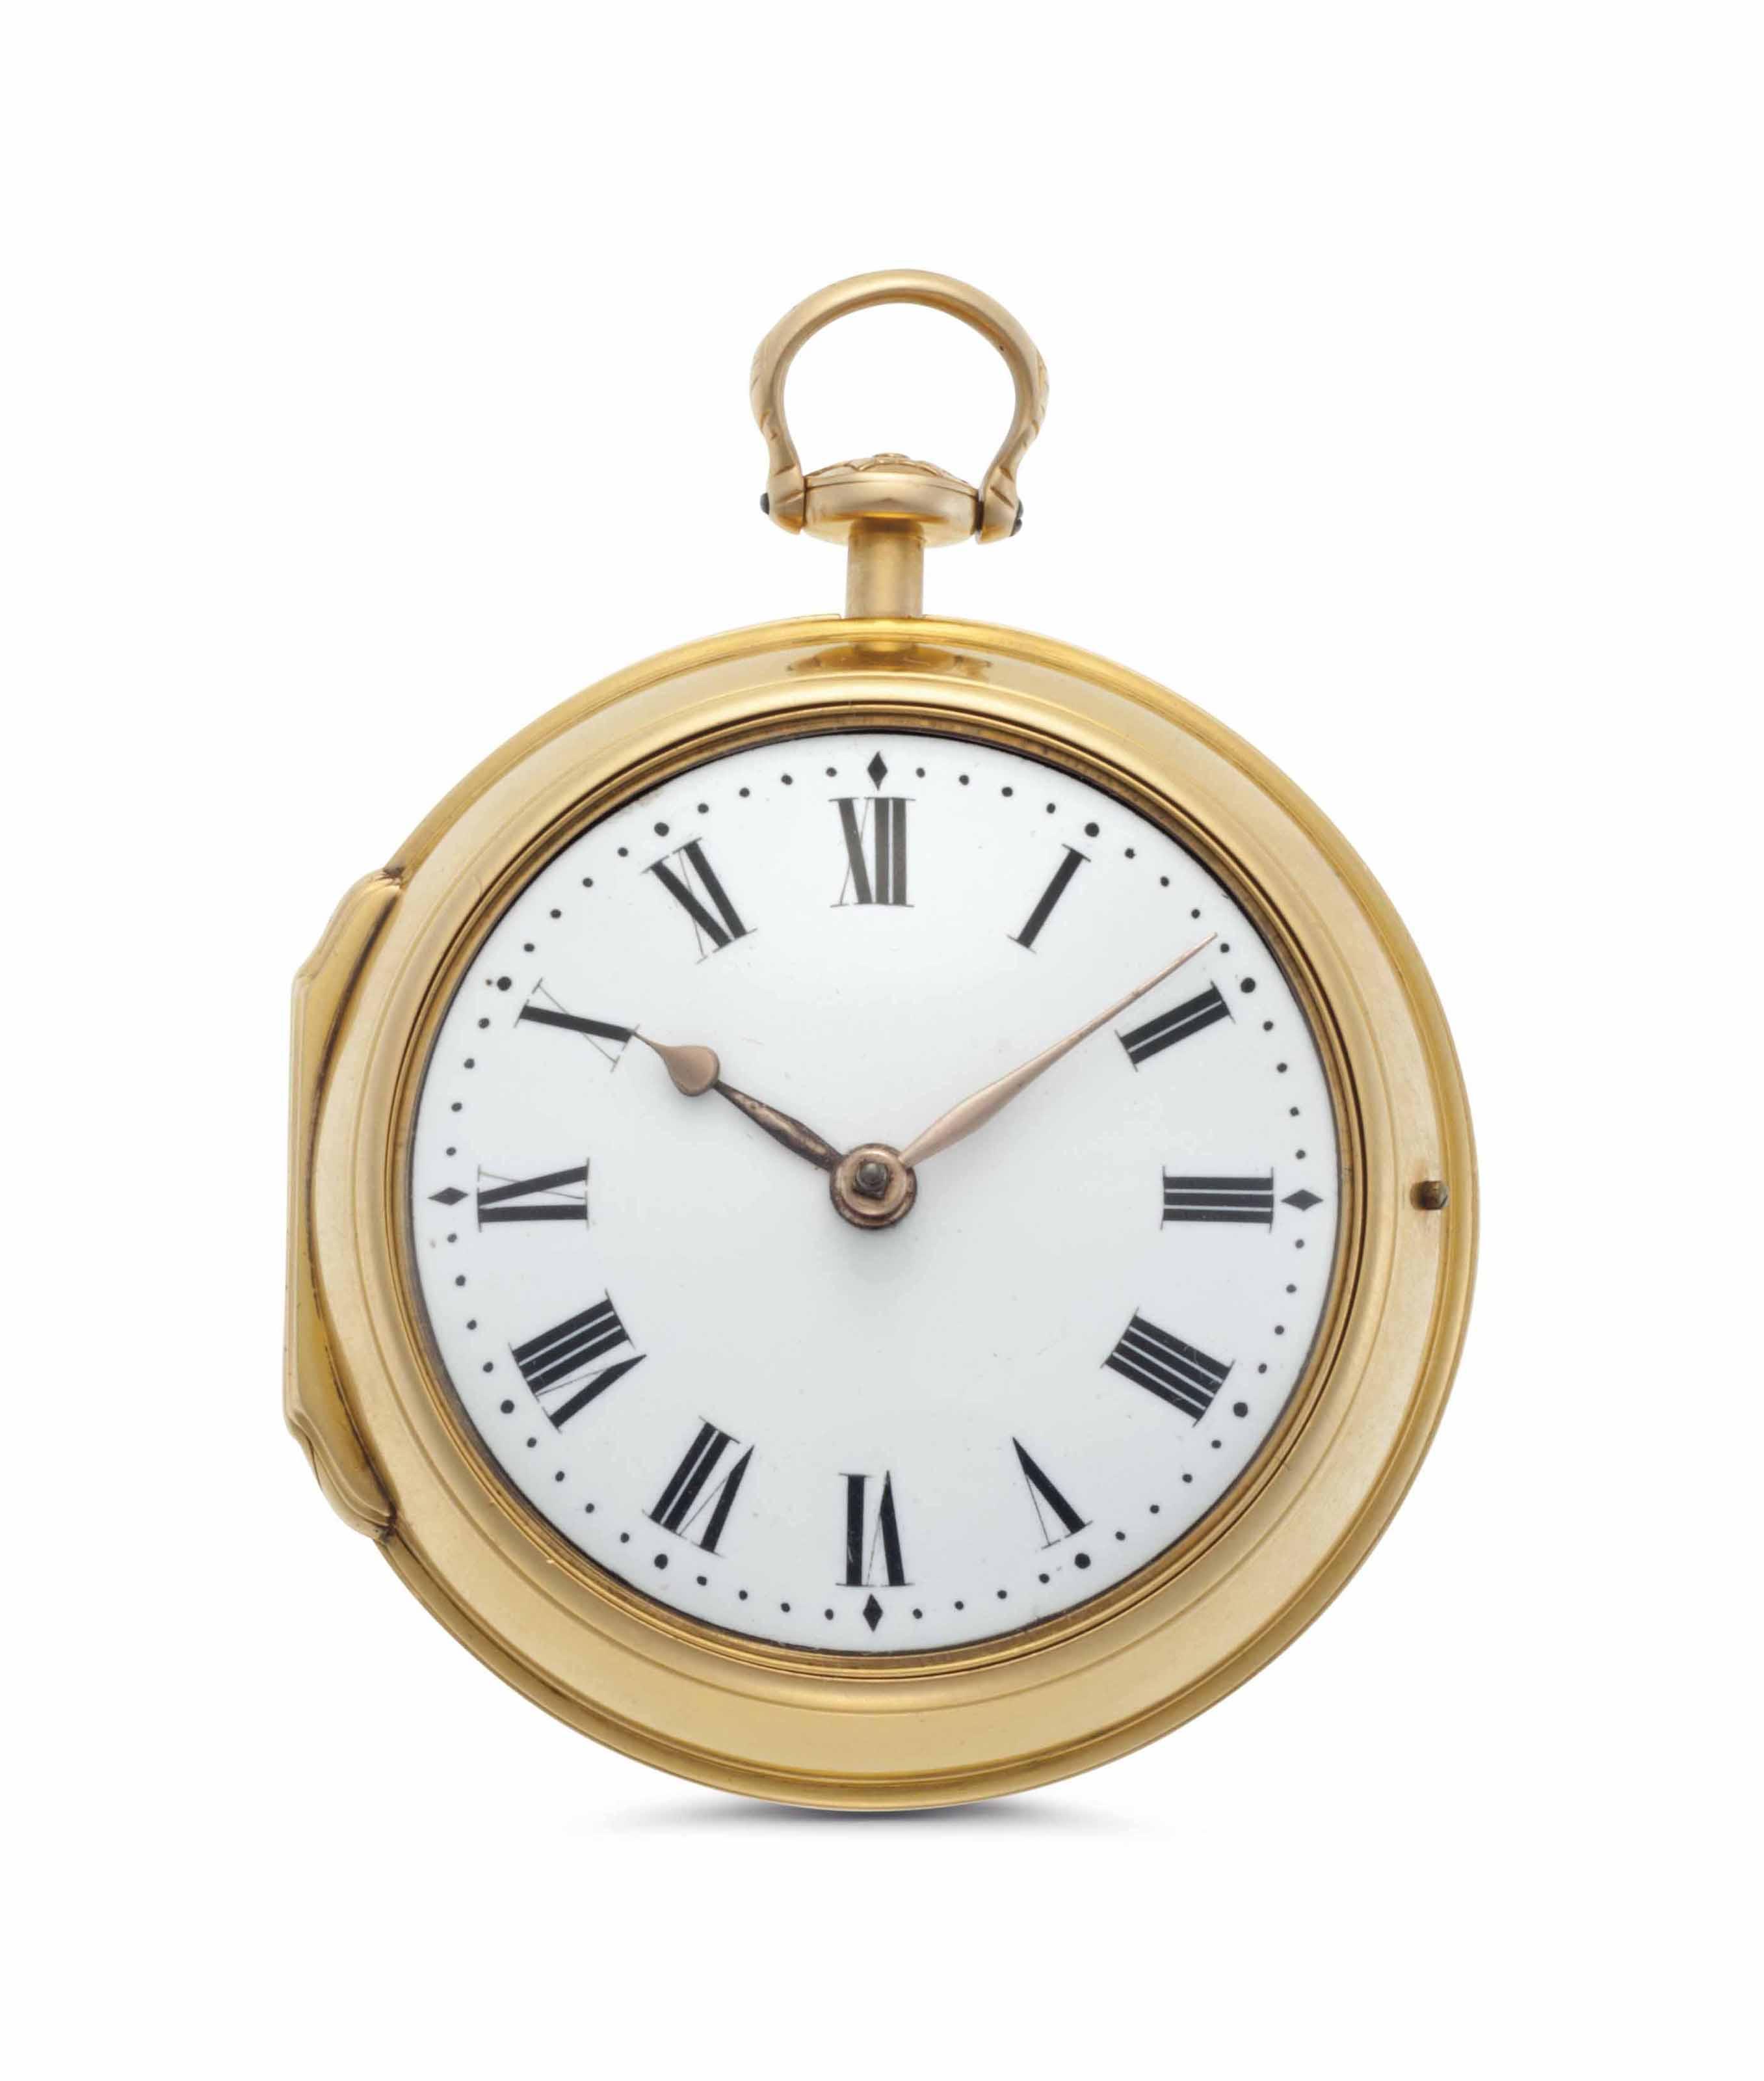 Mudge & Dutton. A Fine 18k Gold Pair Case Key Wound Cylinder Pocket Watch